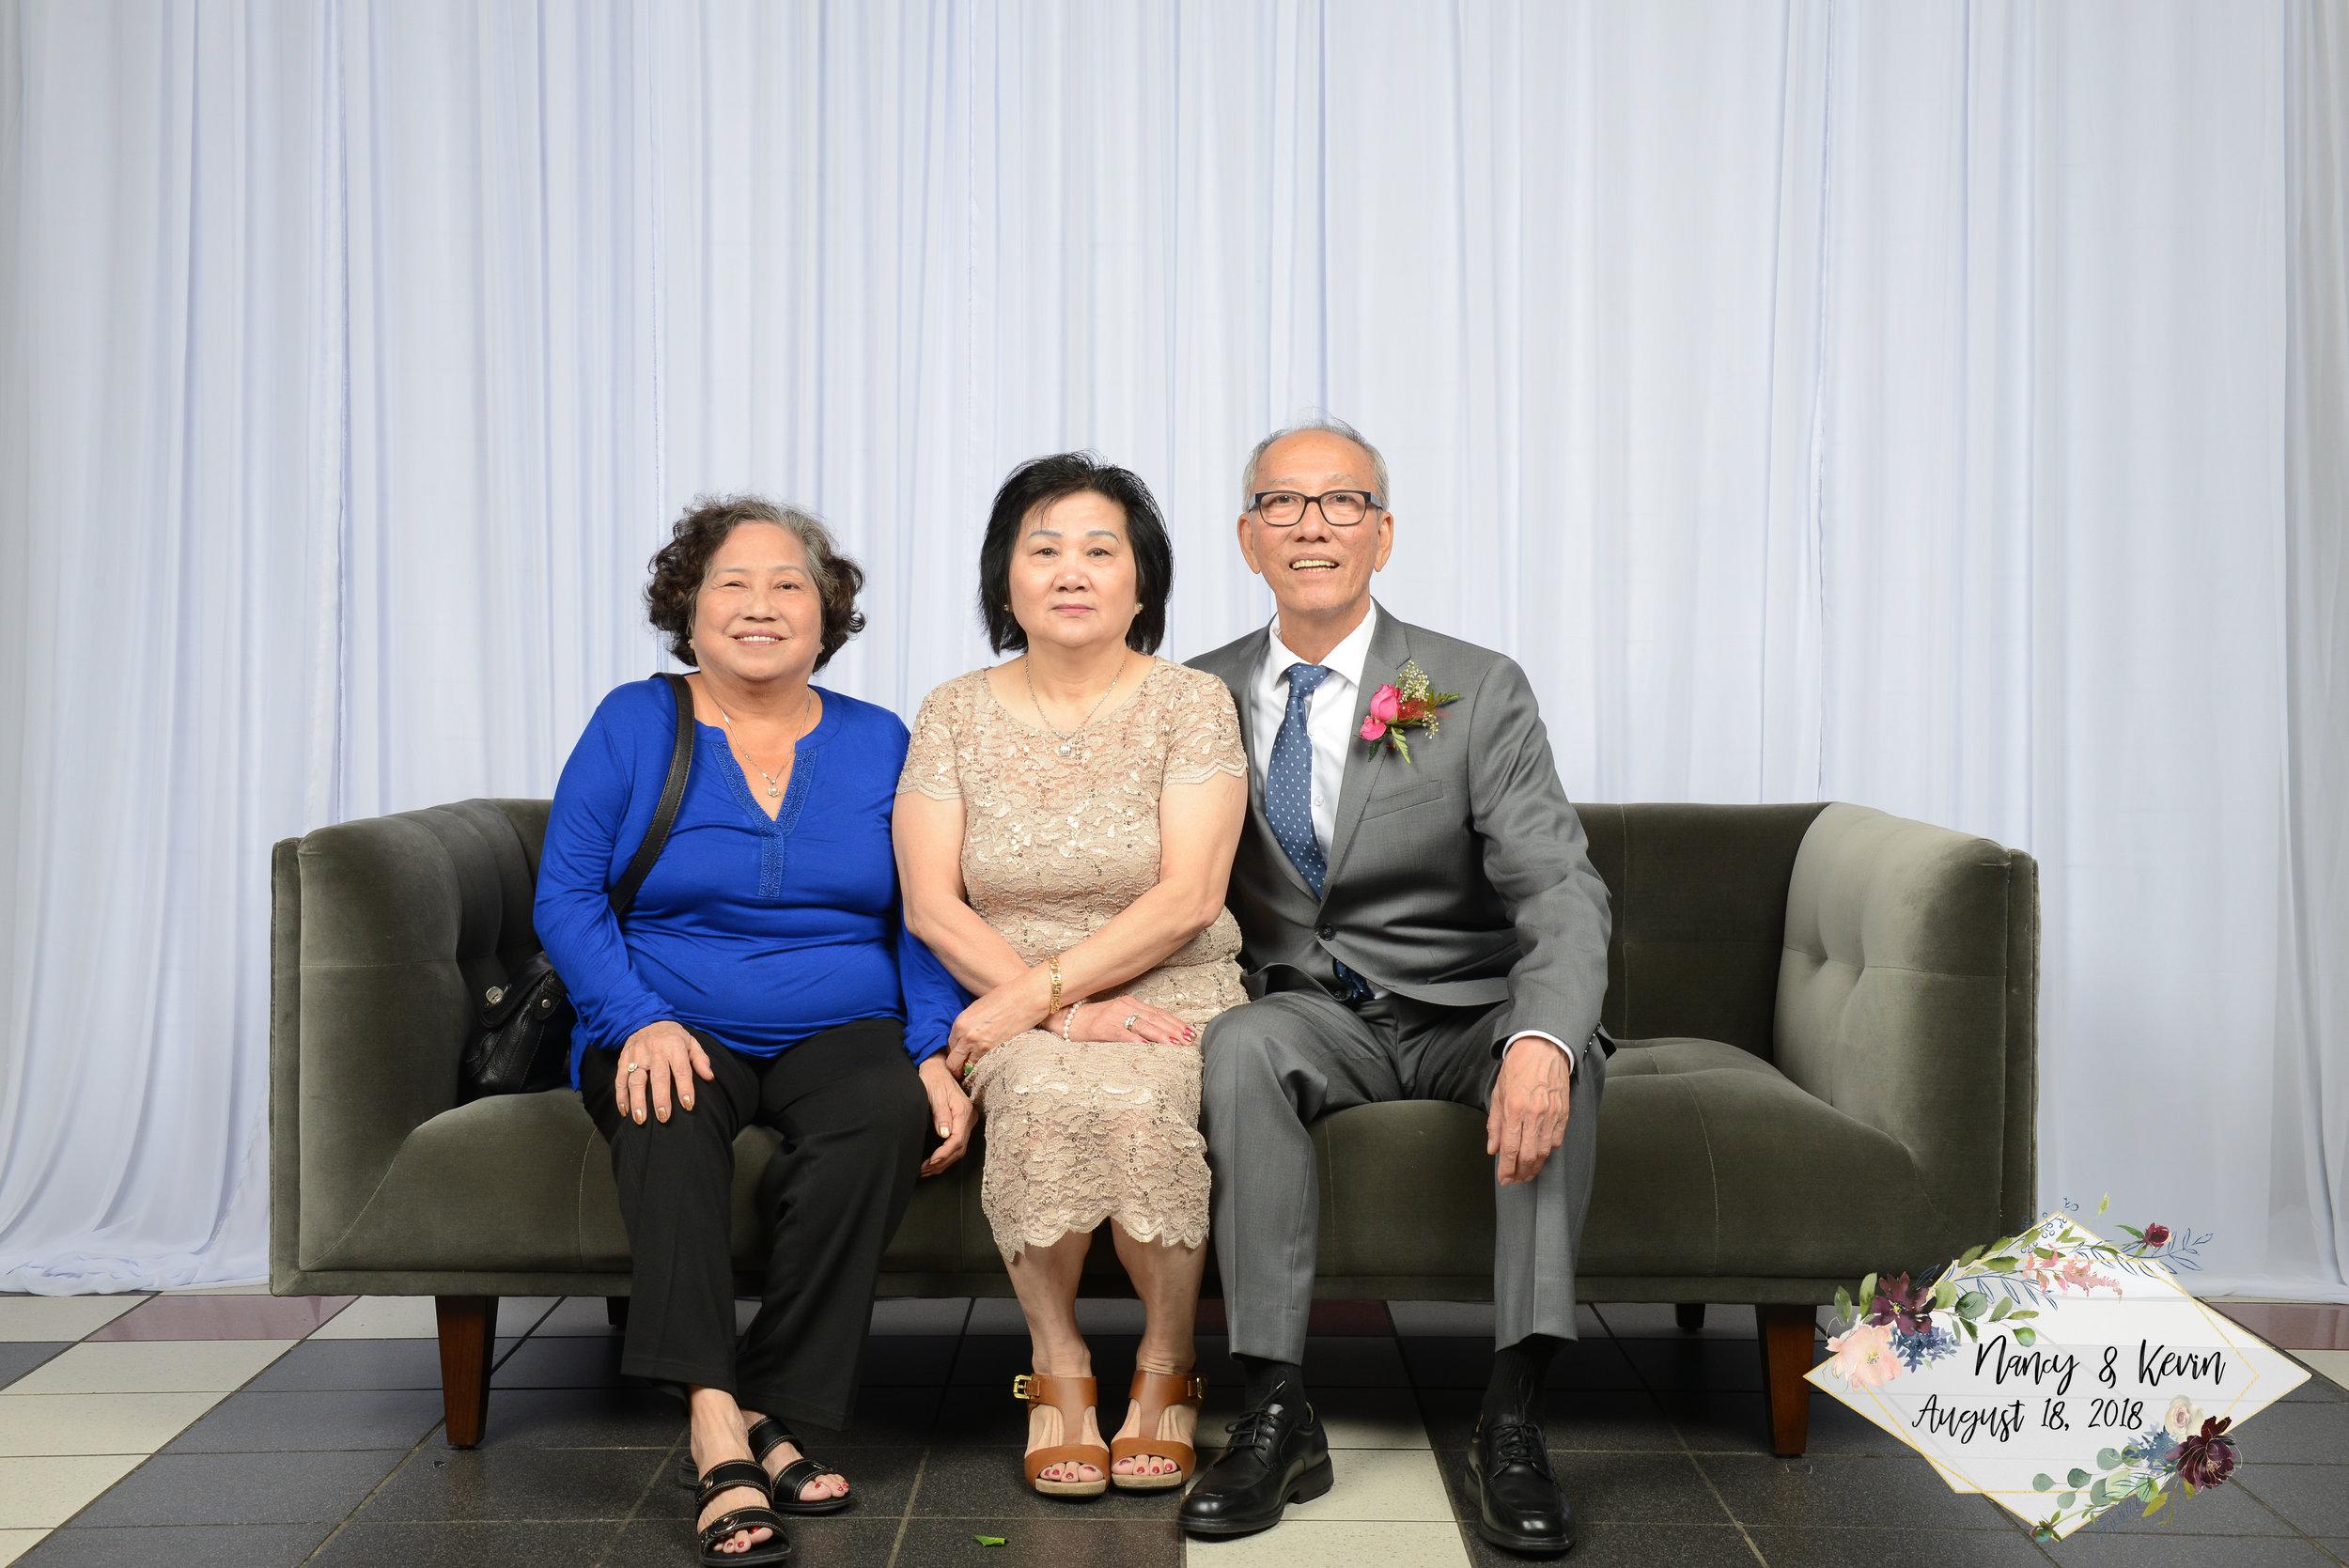 Nancy Kevin Wedding (13 of 322).JPG